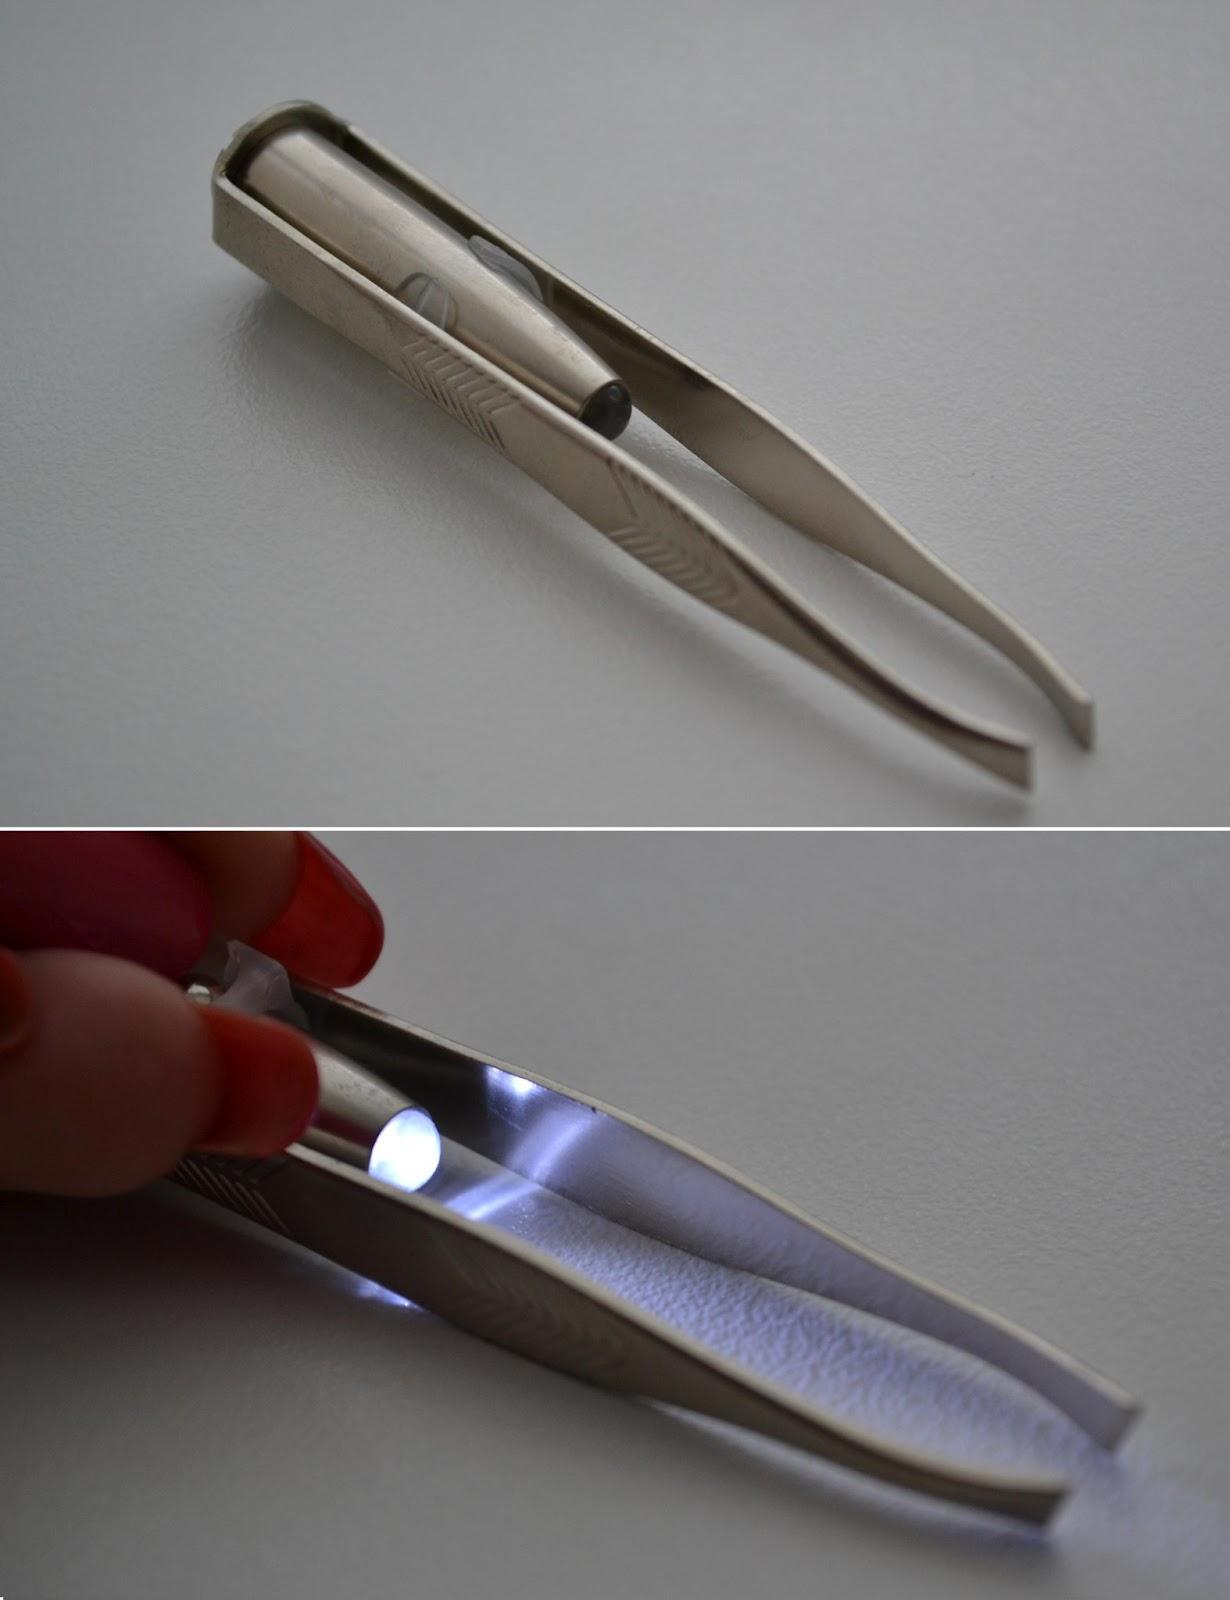 Пинцет для бровей: коррекция профессиональным пинцетом с подсветкой